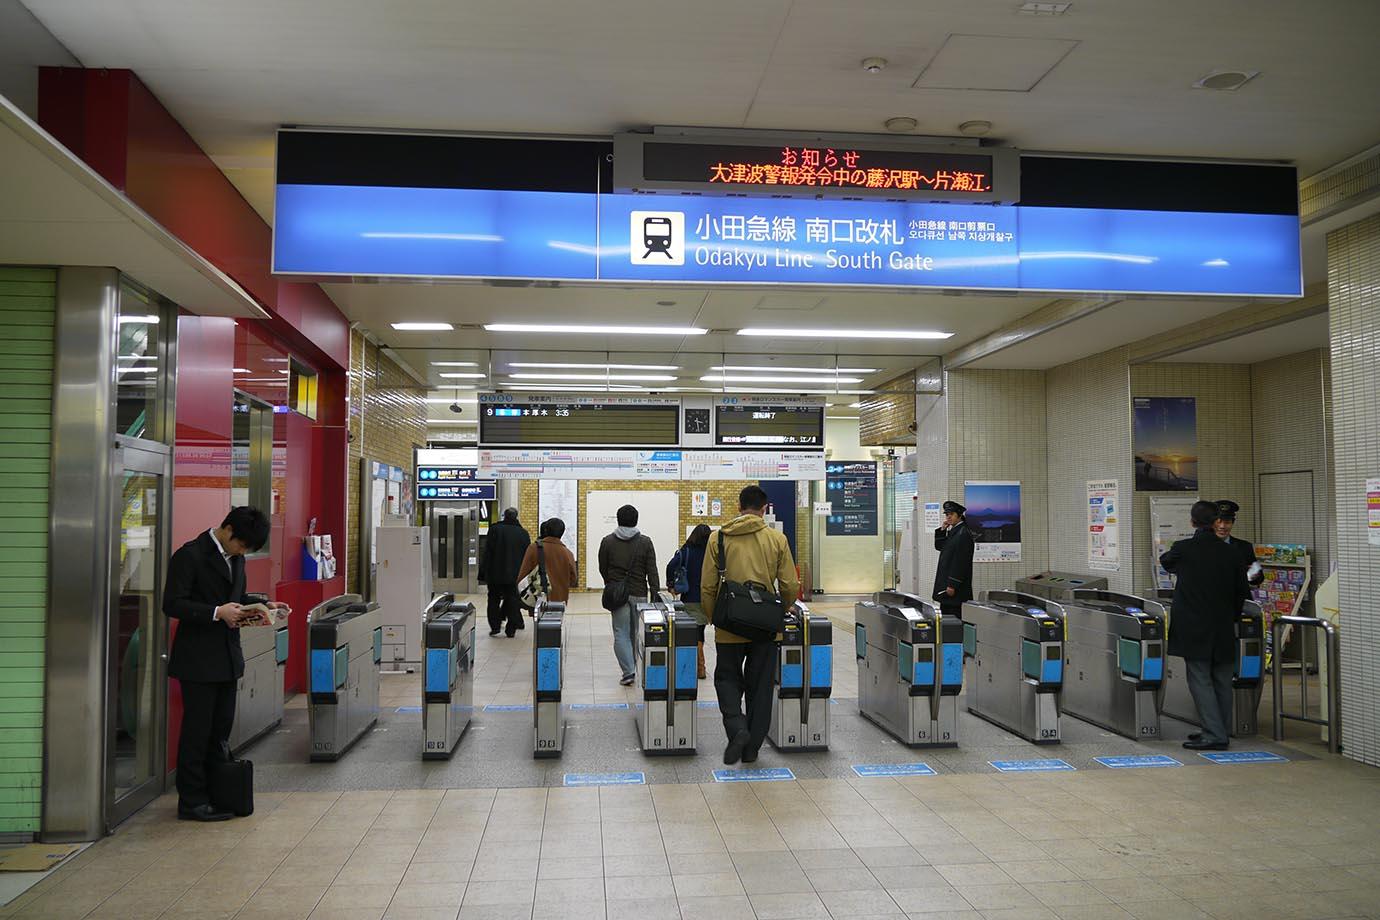 aftermath-tohoku-earthquake-station3